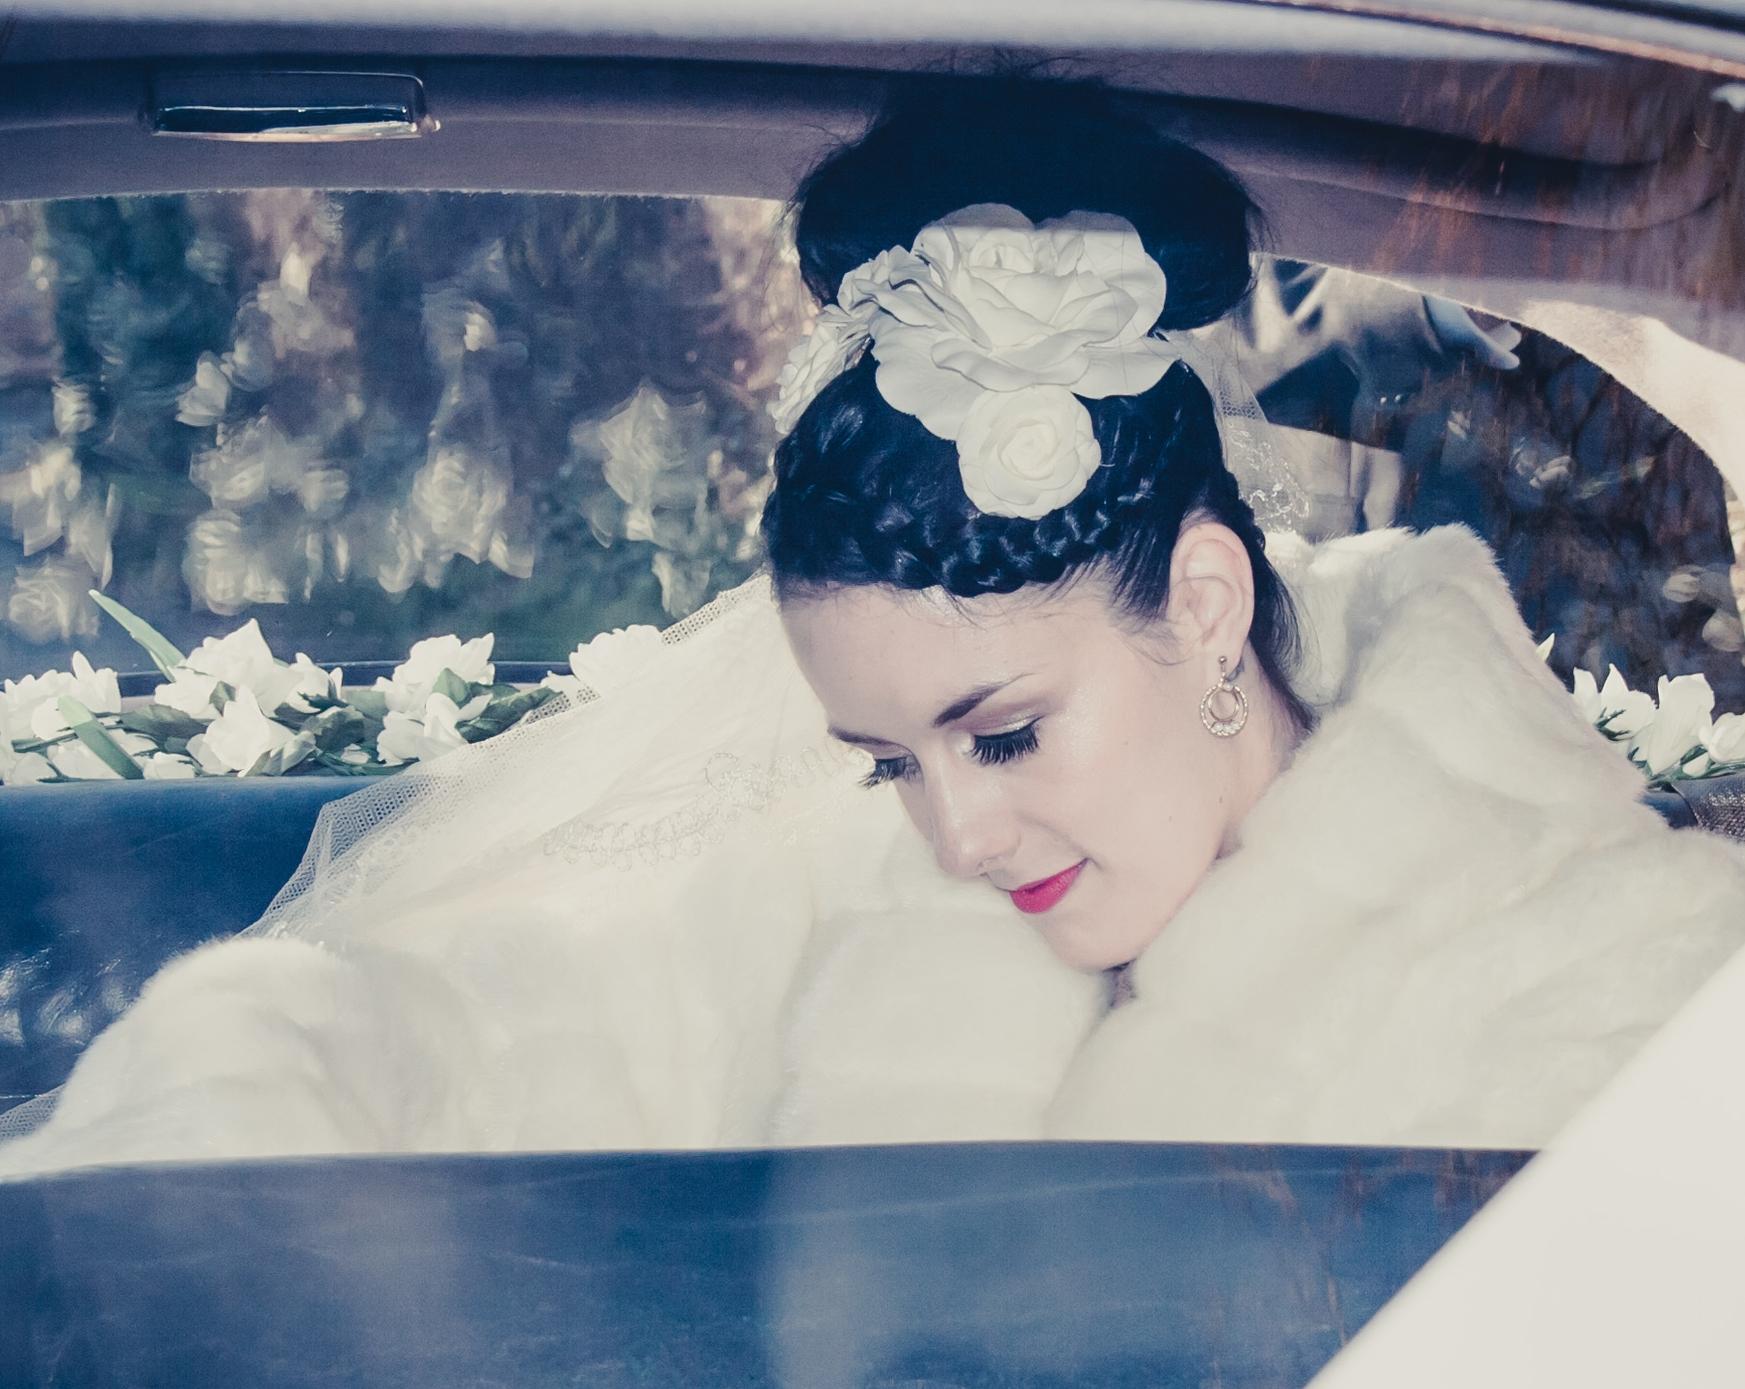 063 - Angela and Karls Wedding by www.markpugh.com -2042.jpg